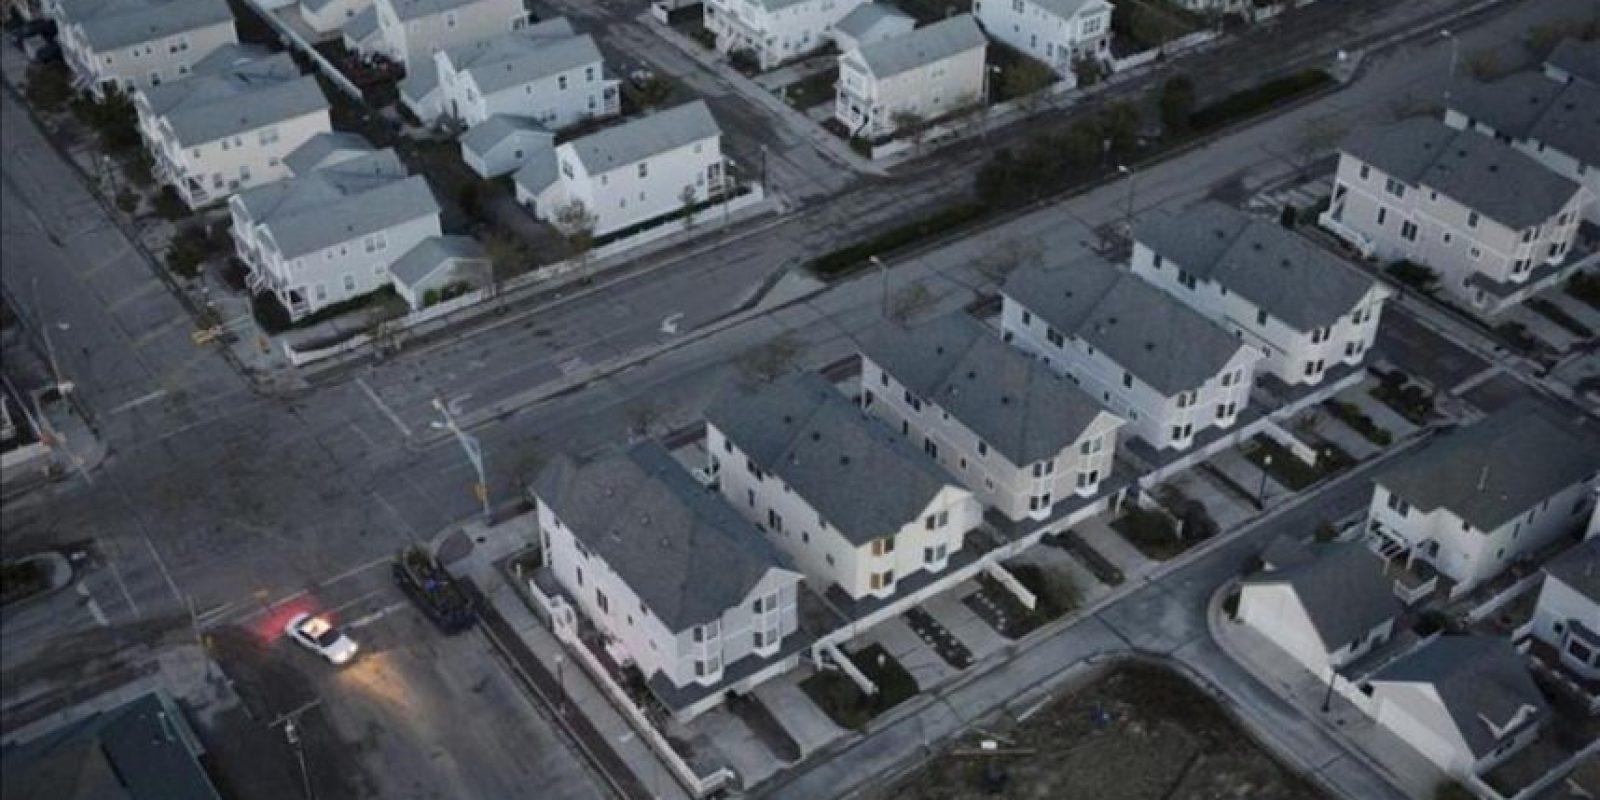 """Vista aérea de un conjunto de viviendas situados en primera línea costera y que permanecen sin suministro eléctrico tras el azote del huracán """"Sandy"""" en Atlantic City, en el estado de Nueva Jersey, EE.UU.. EFE"""